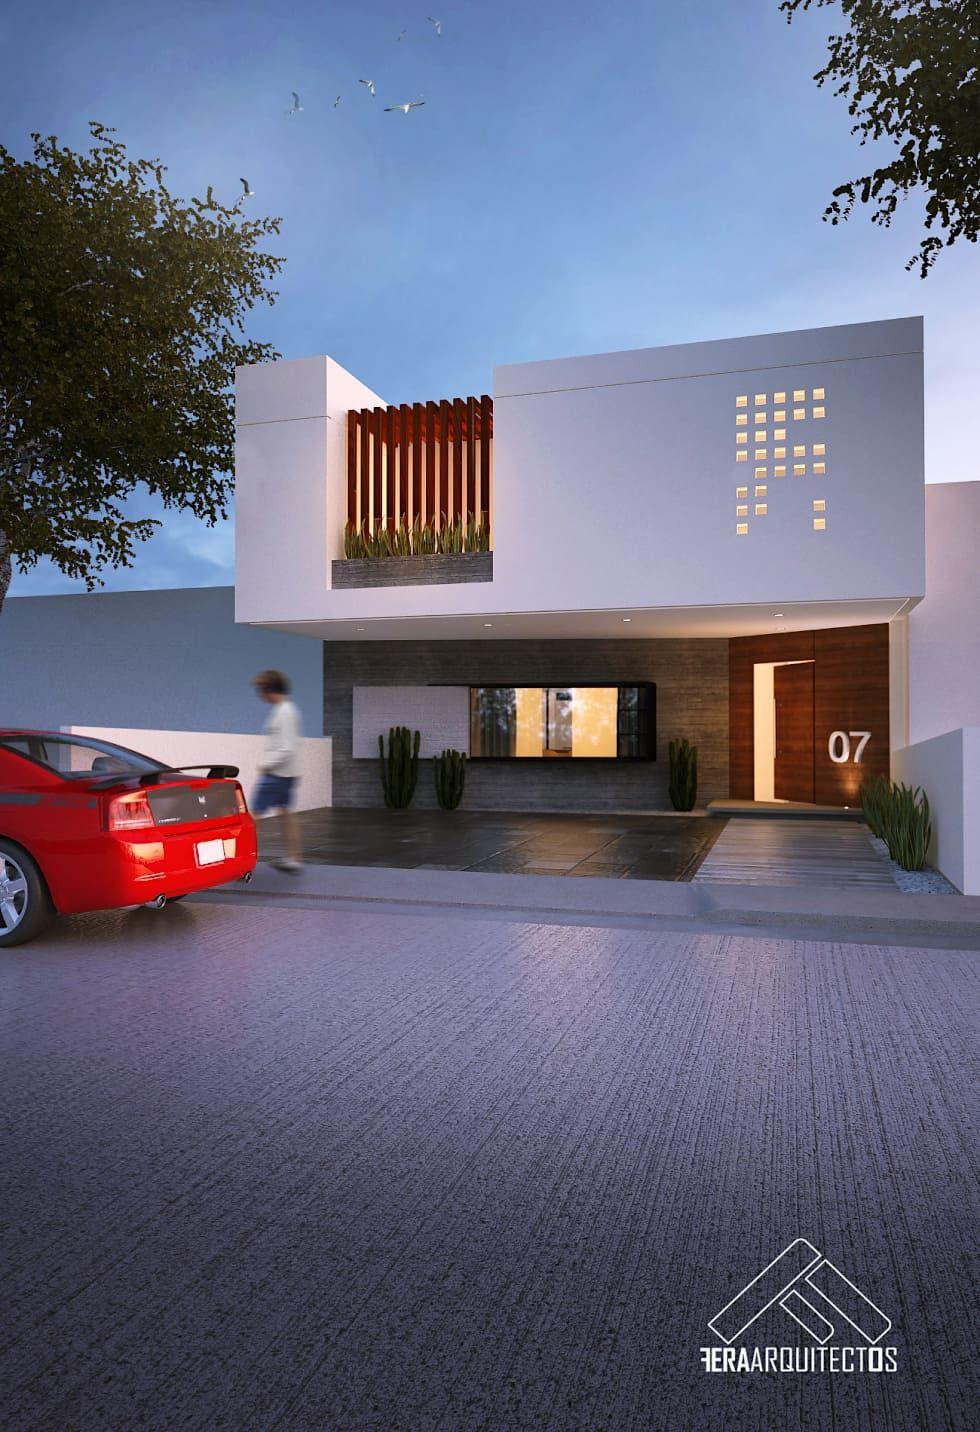 Fachada principal casas de estilo por feraarquitectos en for Foto casa minimalista